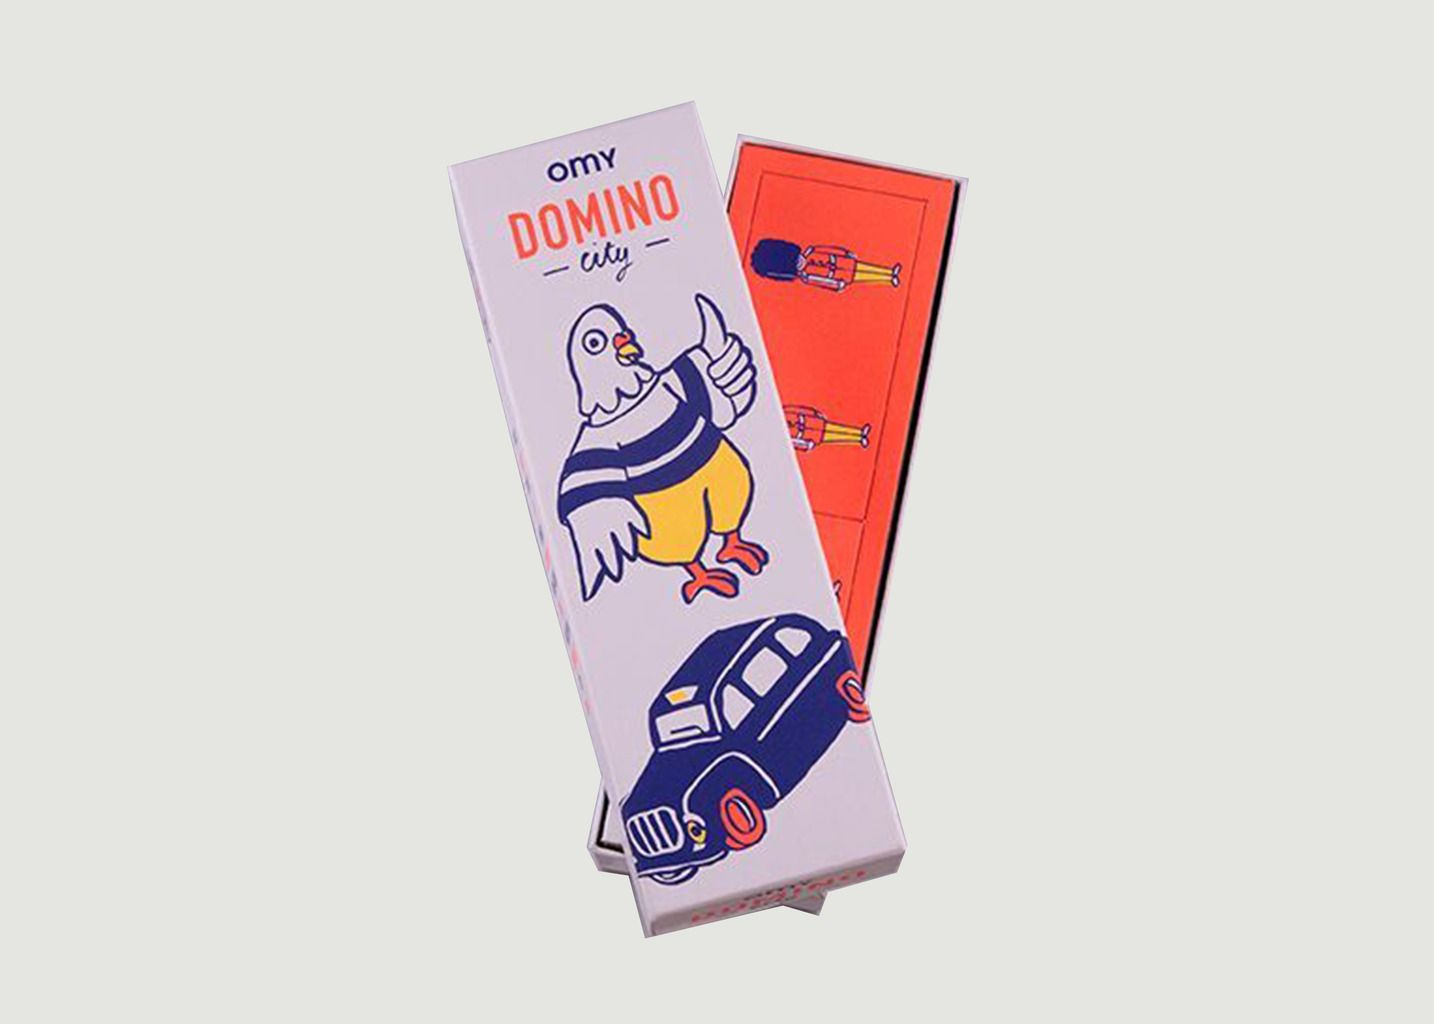 Boîte de Jeux Domino - Omy